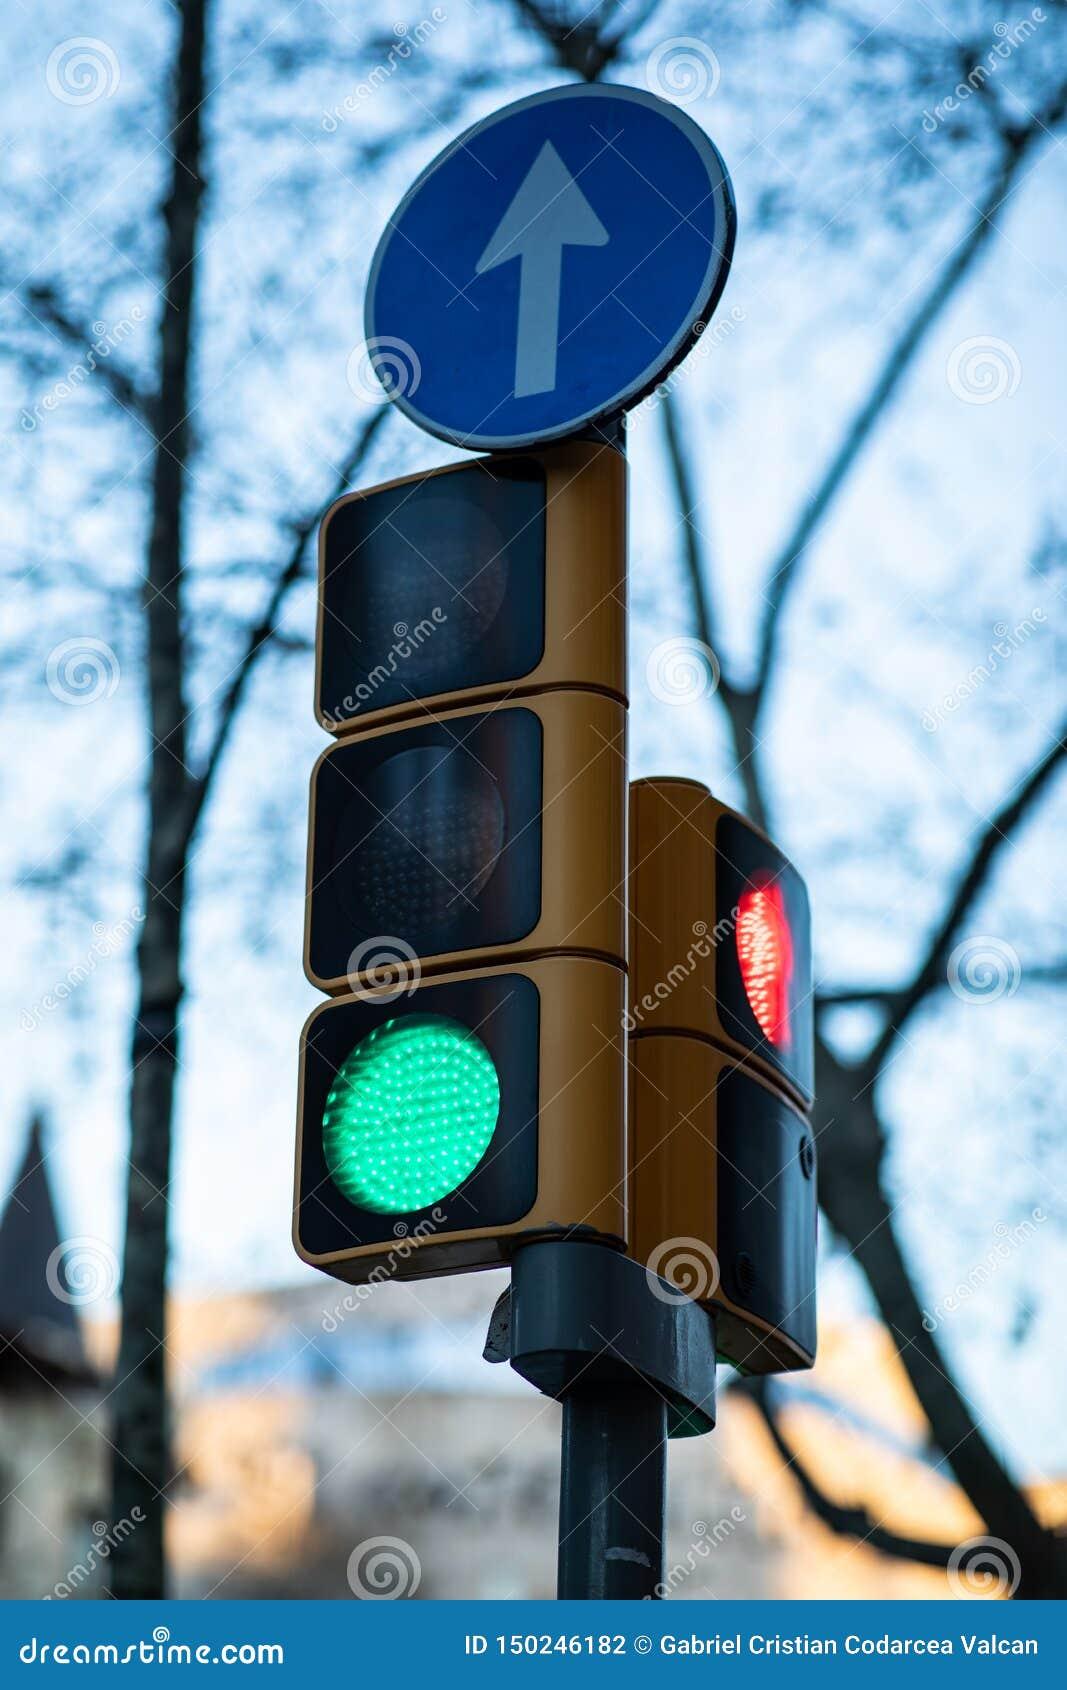 Nära sikt av en grön trafikljus med suddig bakgrund